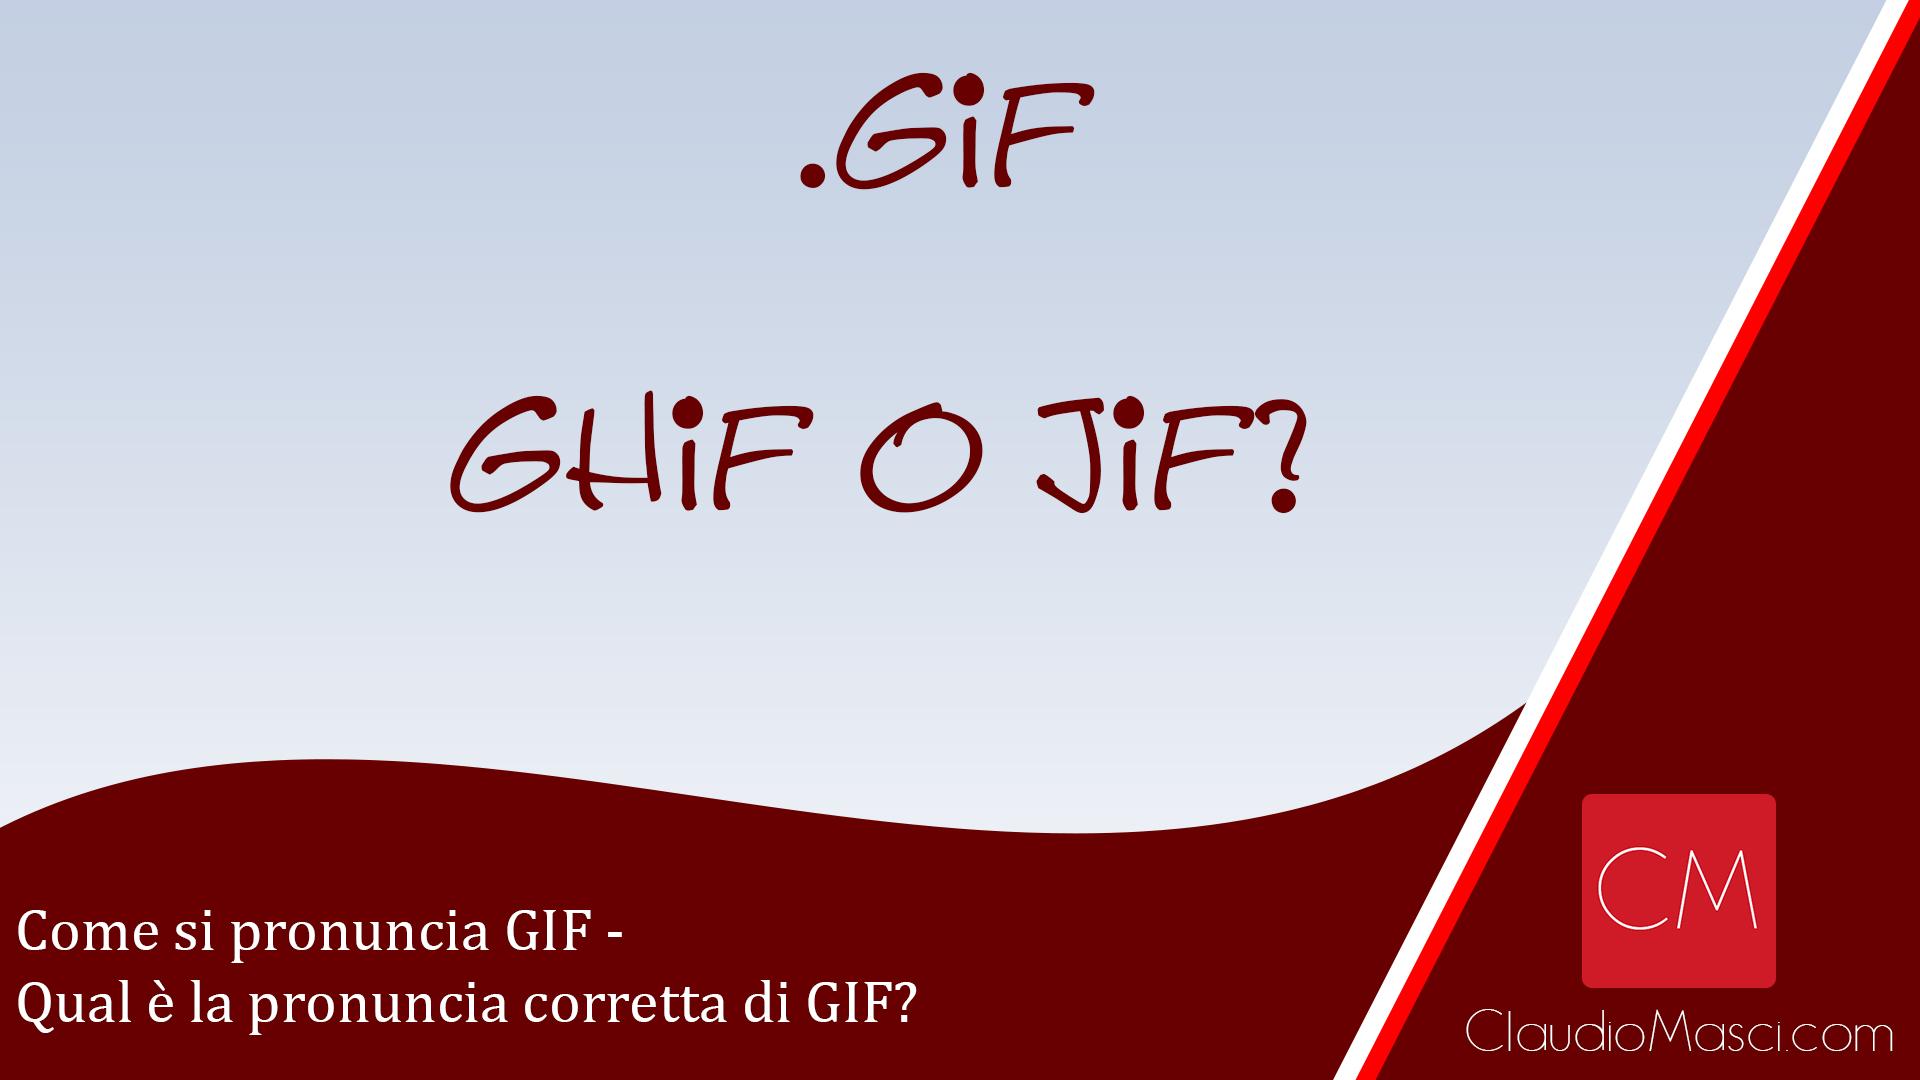 Come si pronuncia GIF – Qual è la pronuncia corretta di GIF?